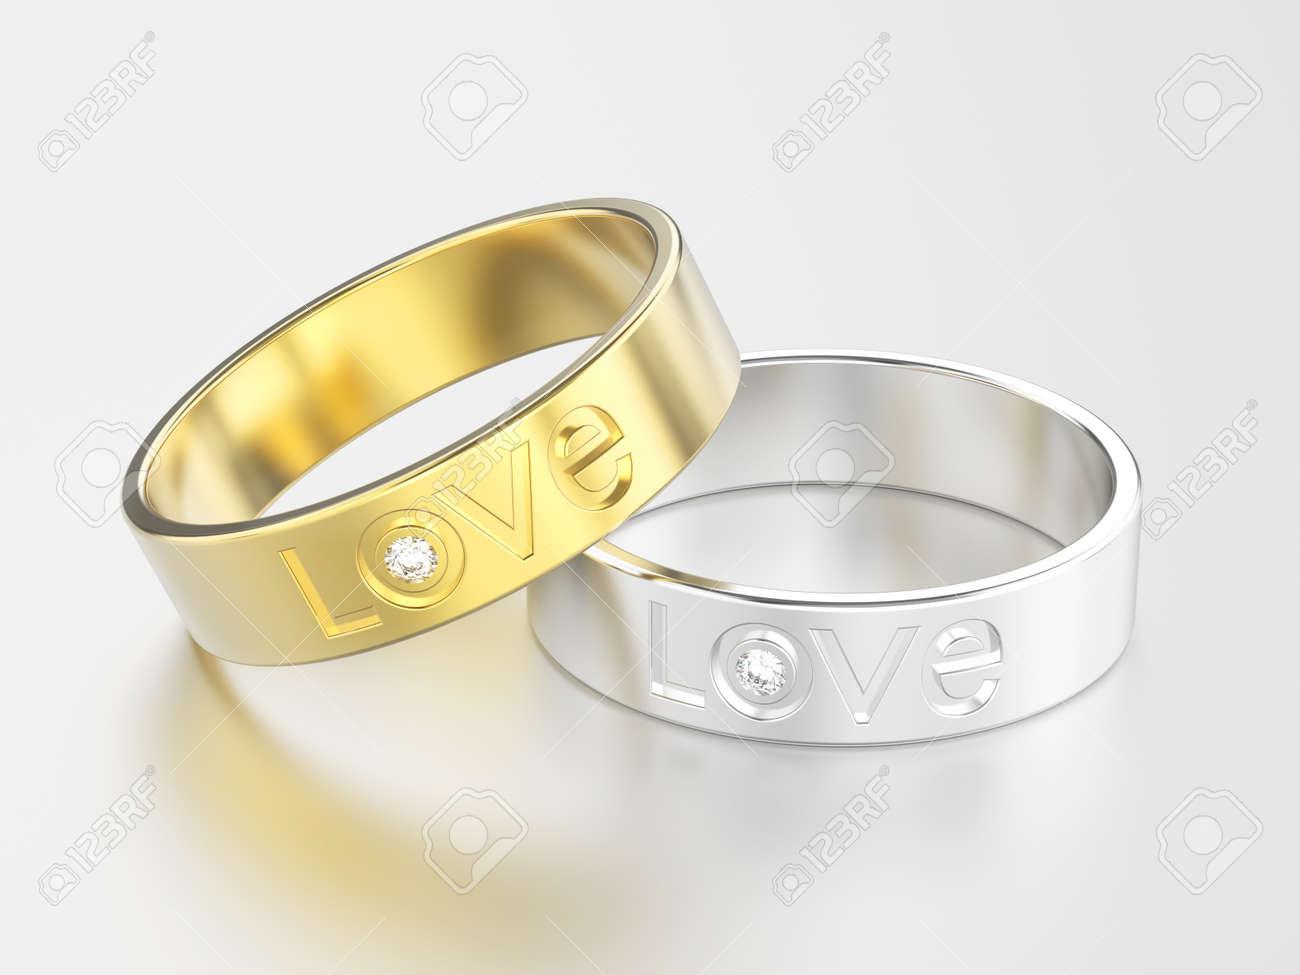 641cdbf290a9 Foto de archivo - Ilustración 3D dos oro blanco o plata y oro amarillo  anillo de compromiso con diamante y palabra de amor con reflexión